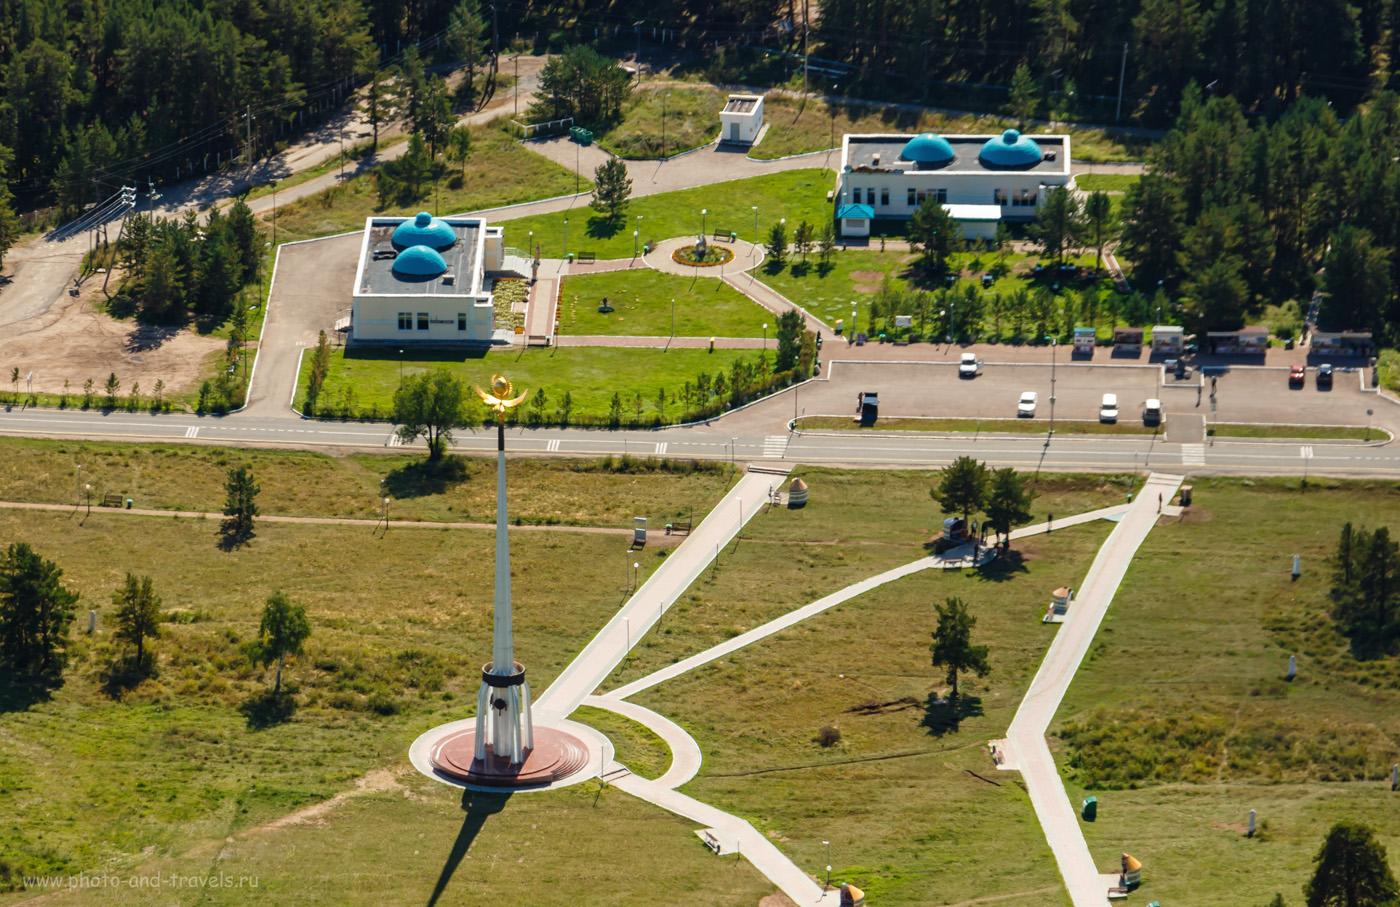 """Снимок 28. Поляна Абылай-хана с горы Кокшетау. Достопримечательности курорта """"Бурабай"""" на Северном Казахстане. 1/125, +0.3, 8, 200, 35."""